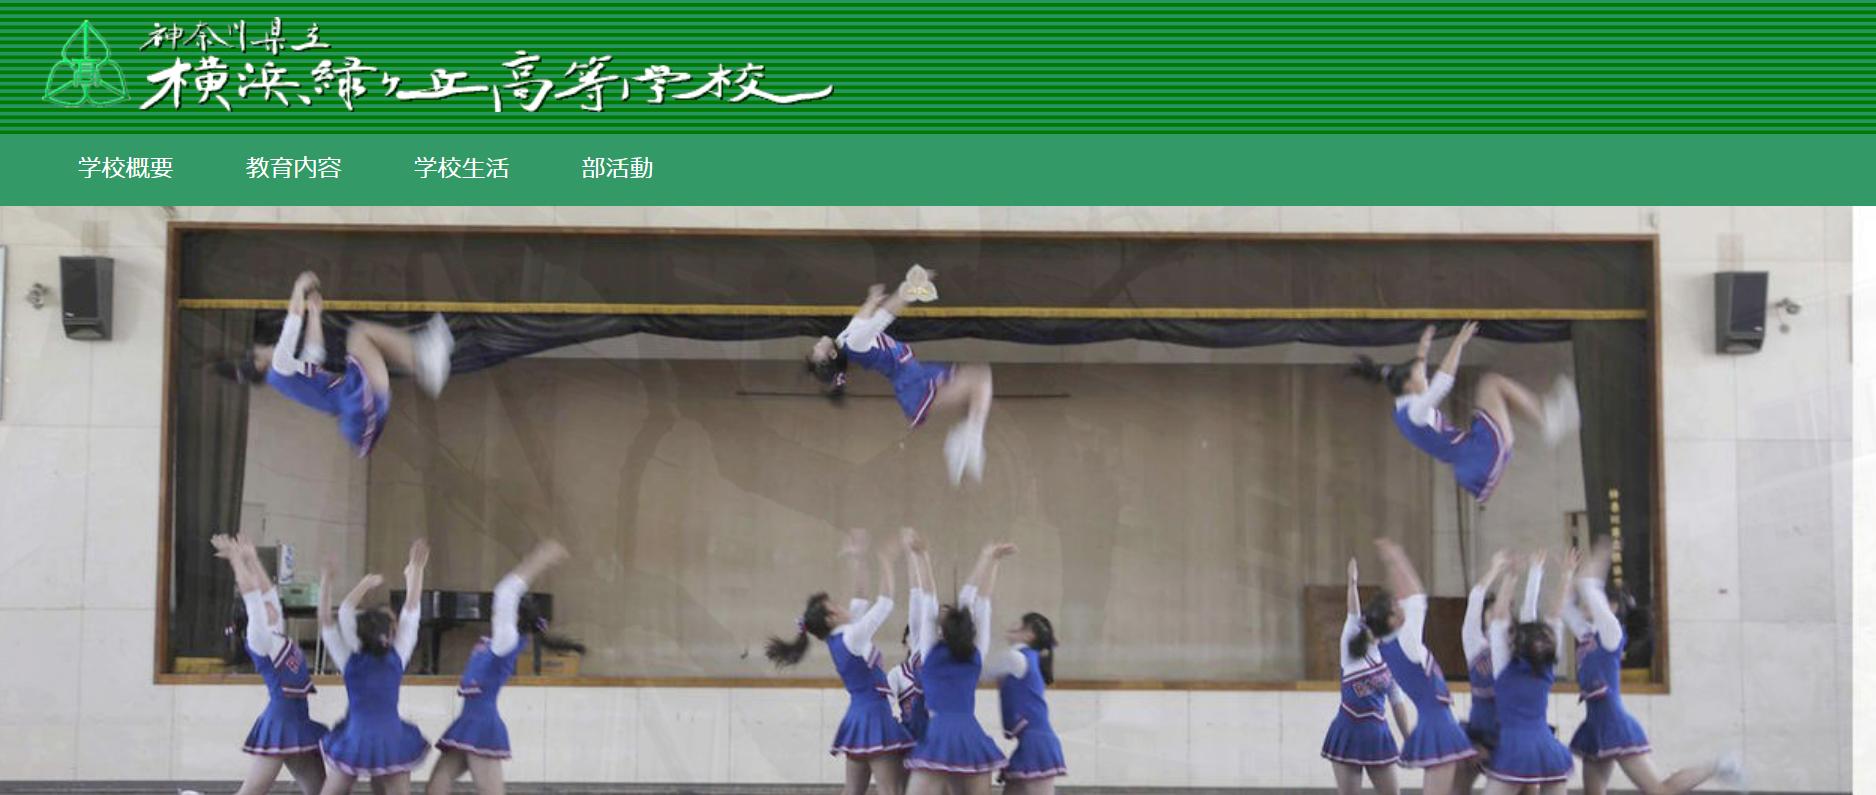 横浜緑ケ丘高校の口コミ・評判